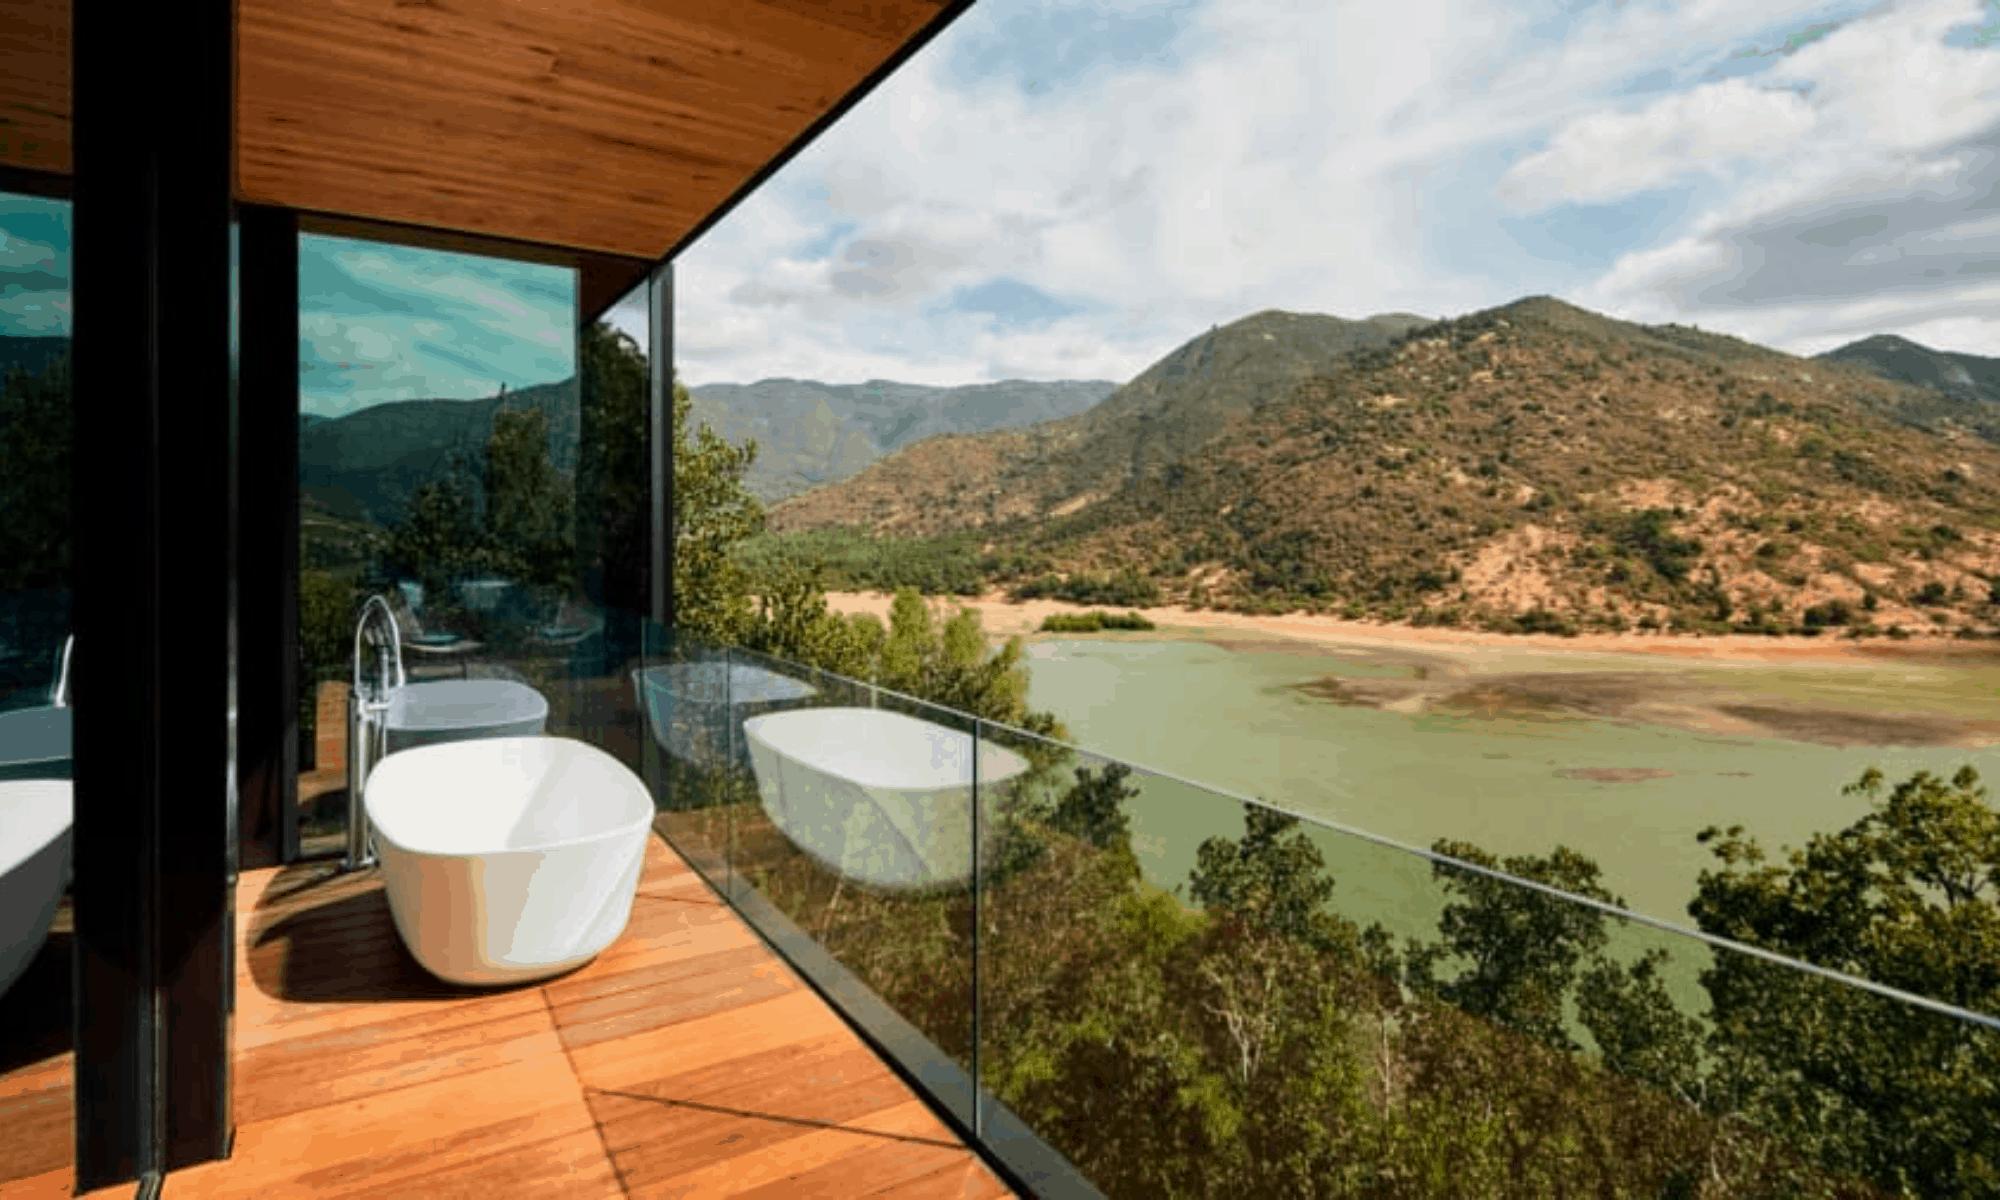 Villas de cristal una particular propuesta de hospedaje en los acantilados del Valle de Millahue en Chile 1